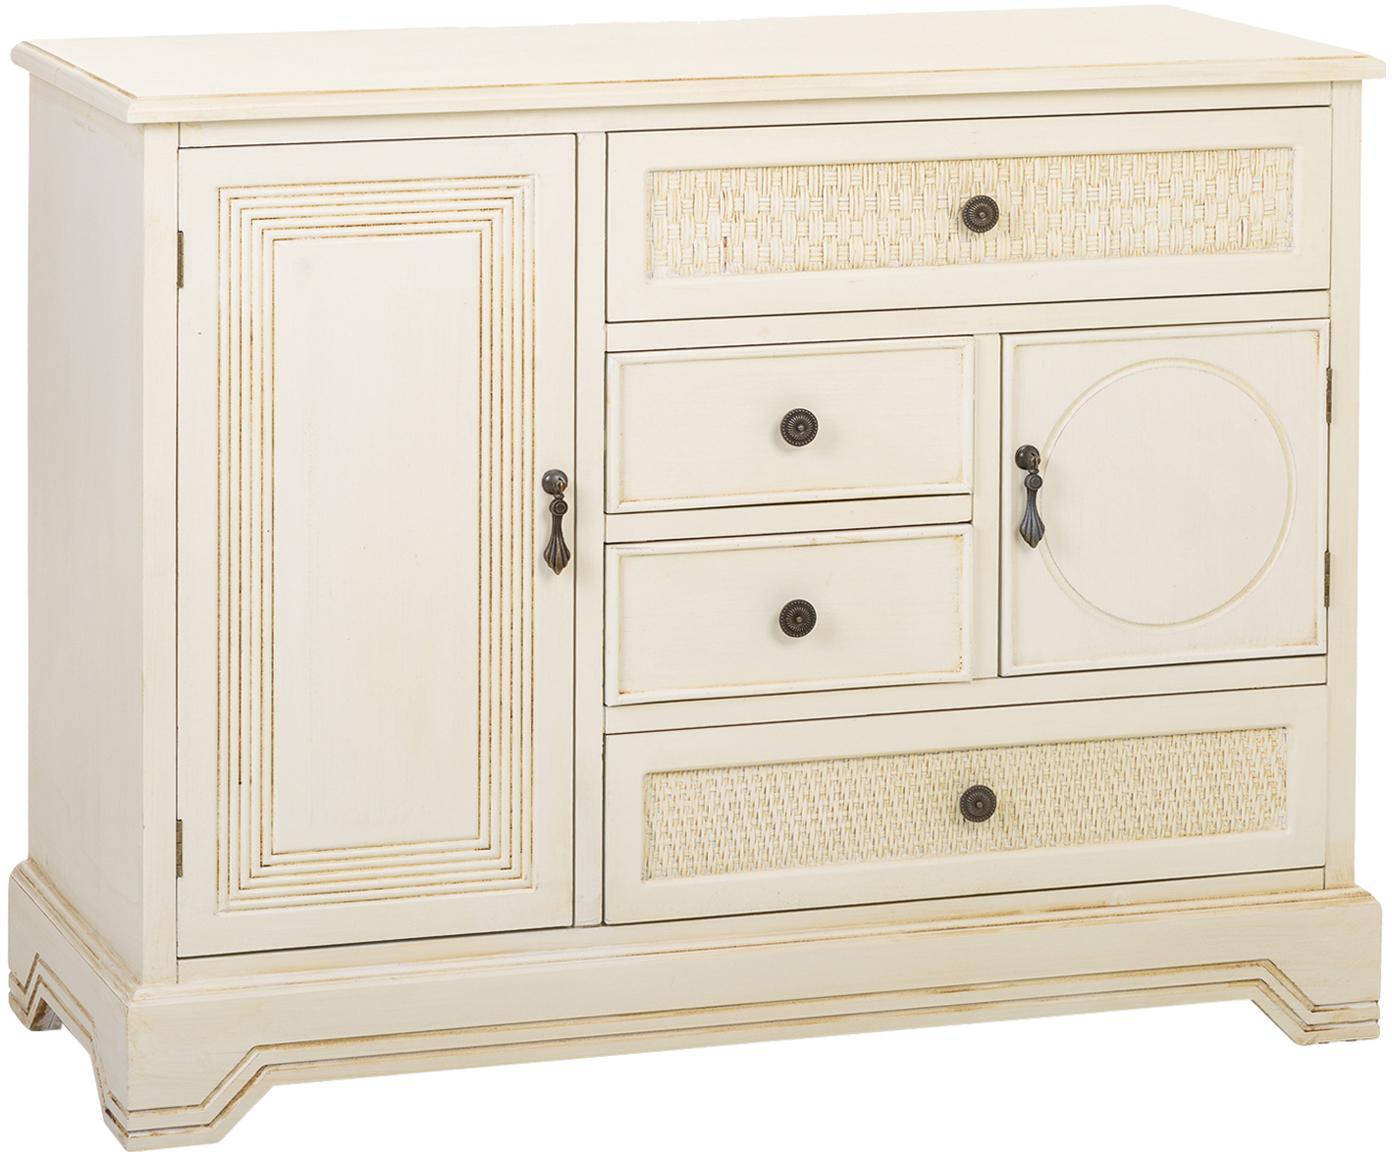 Aparador Gentle, Estructura: madera de abeto, tablero , Blanco, An 98 x Al 78 cm